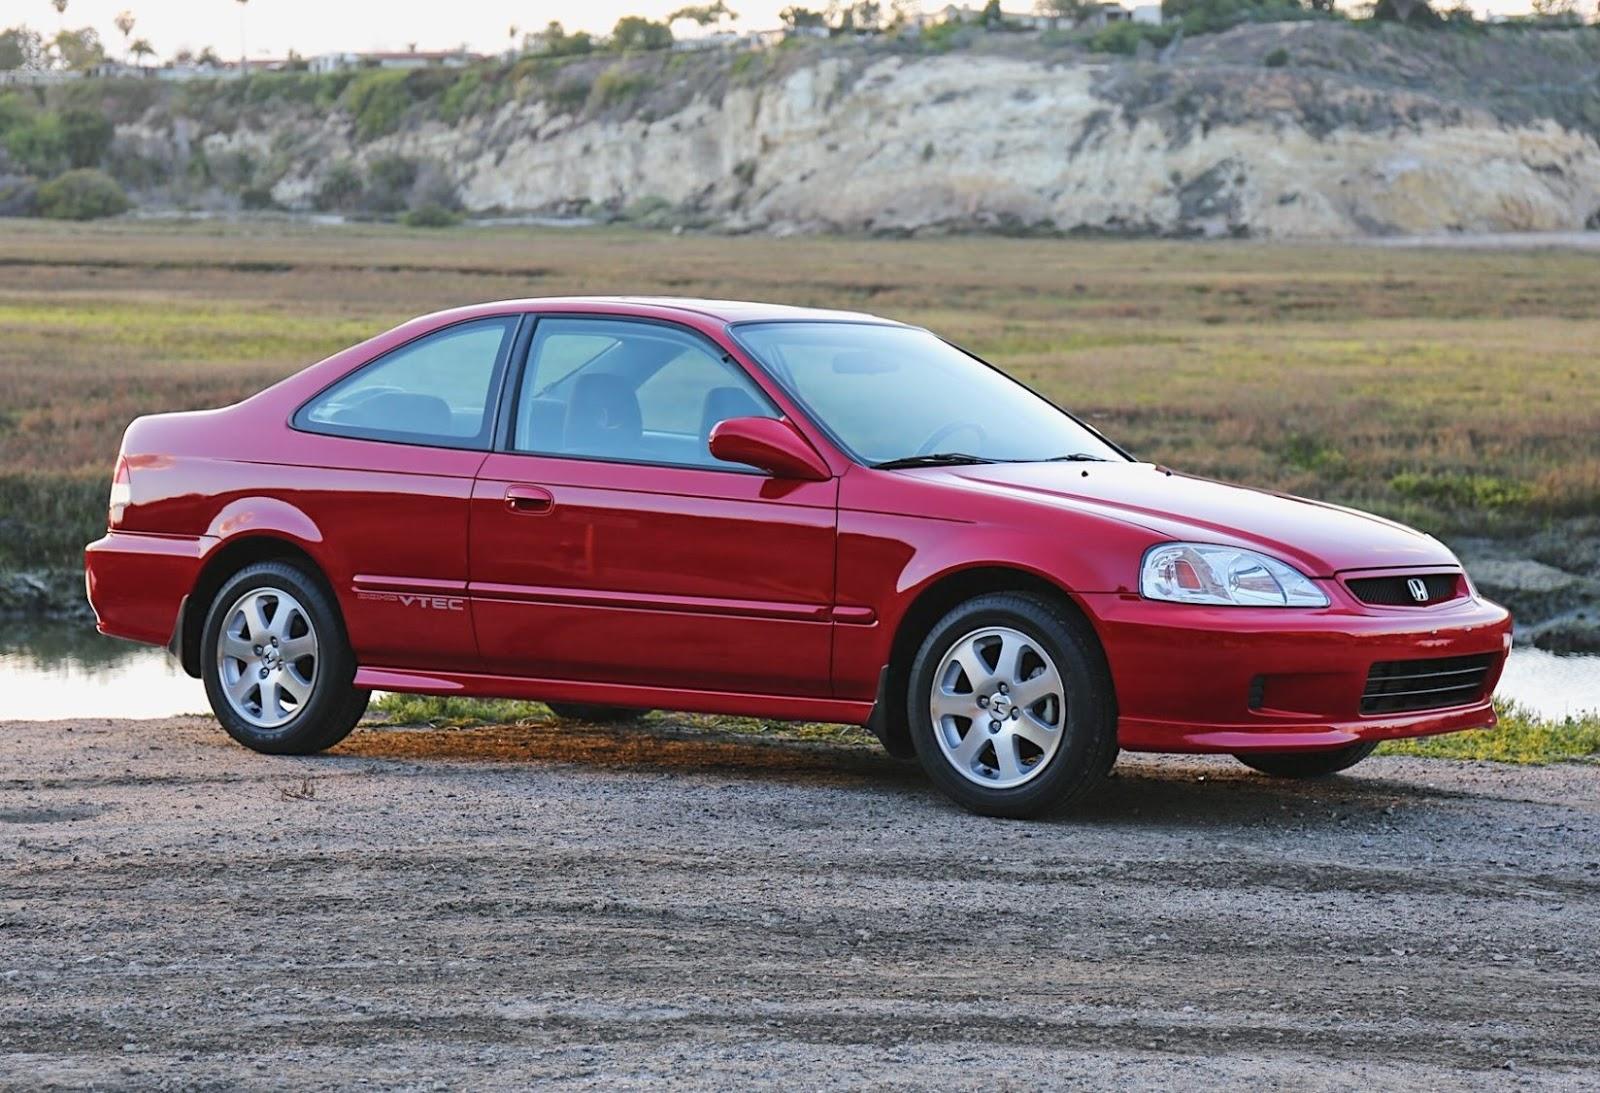 3 Mobil Bekas Terlaris dengan Harga di Bawah Rp 100 Juta